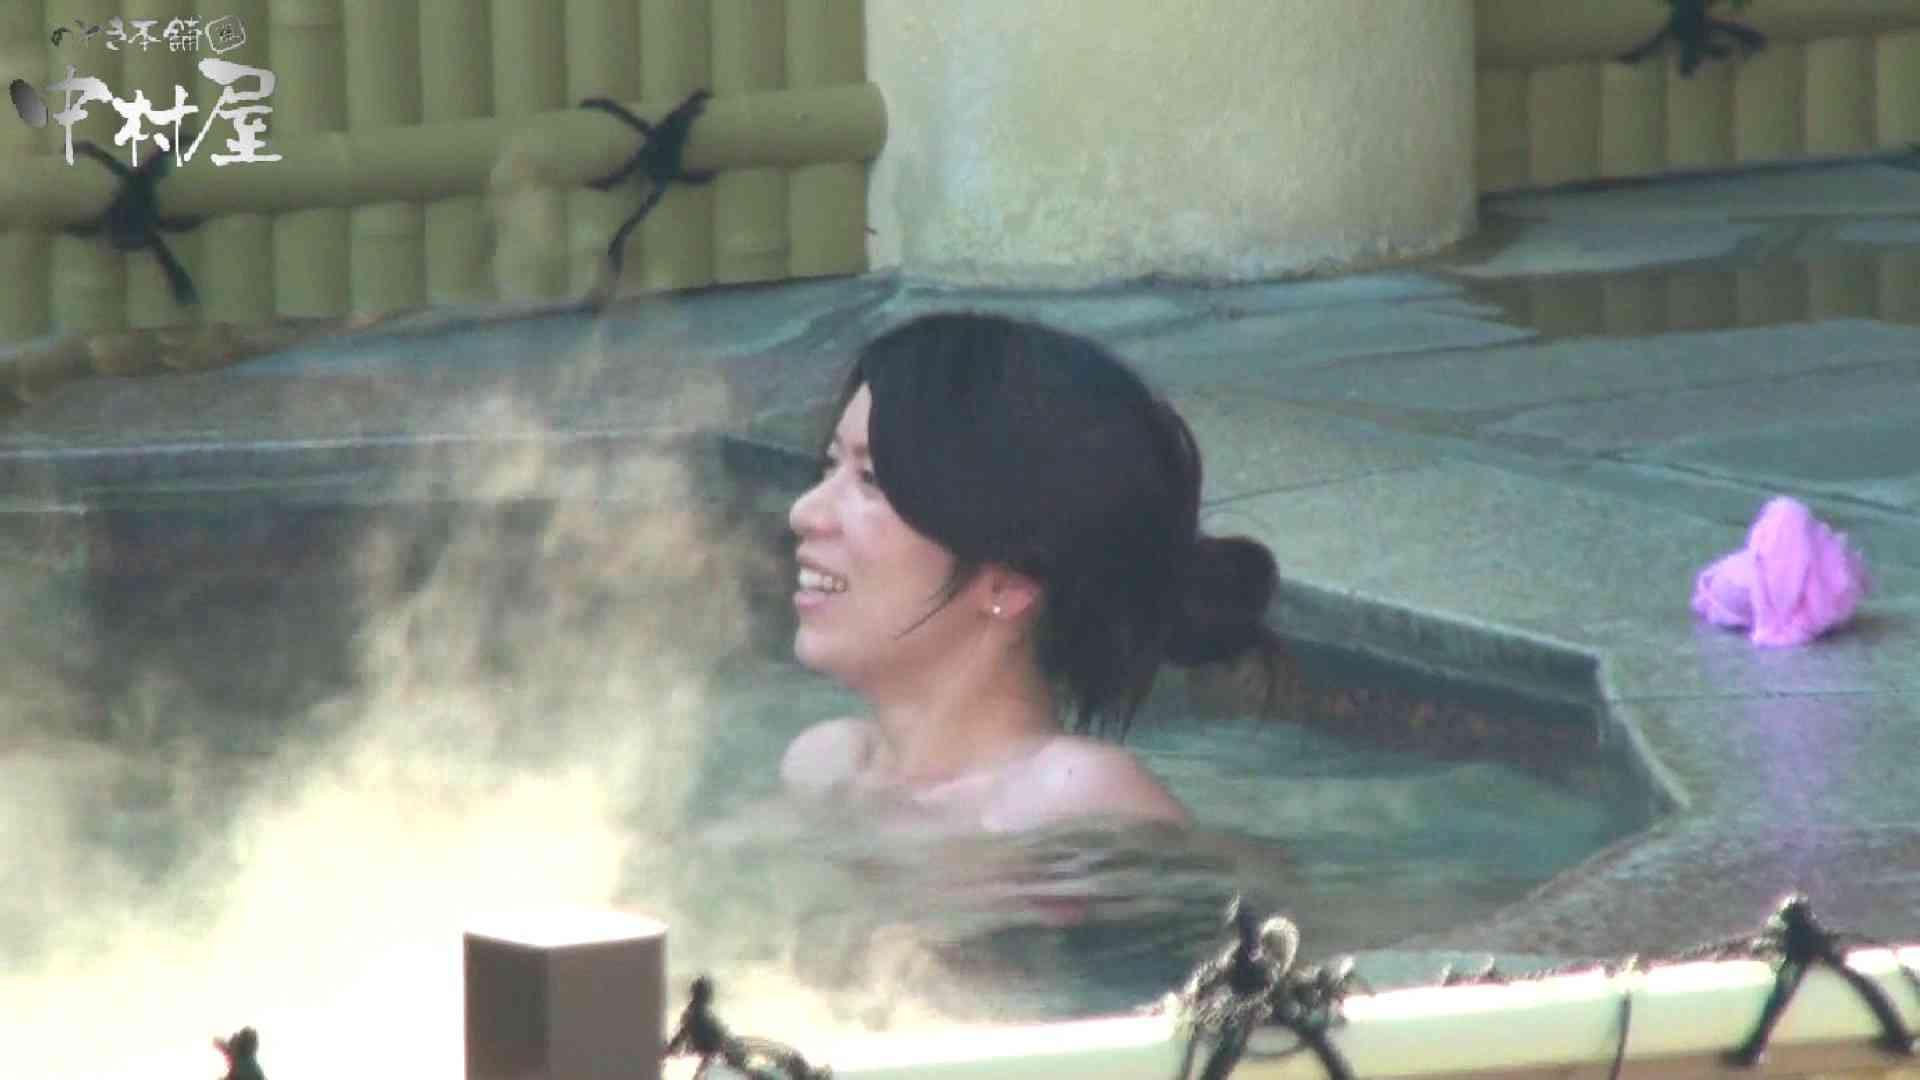 Aquaな露天風呂Vol.919 露天  65枚 21